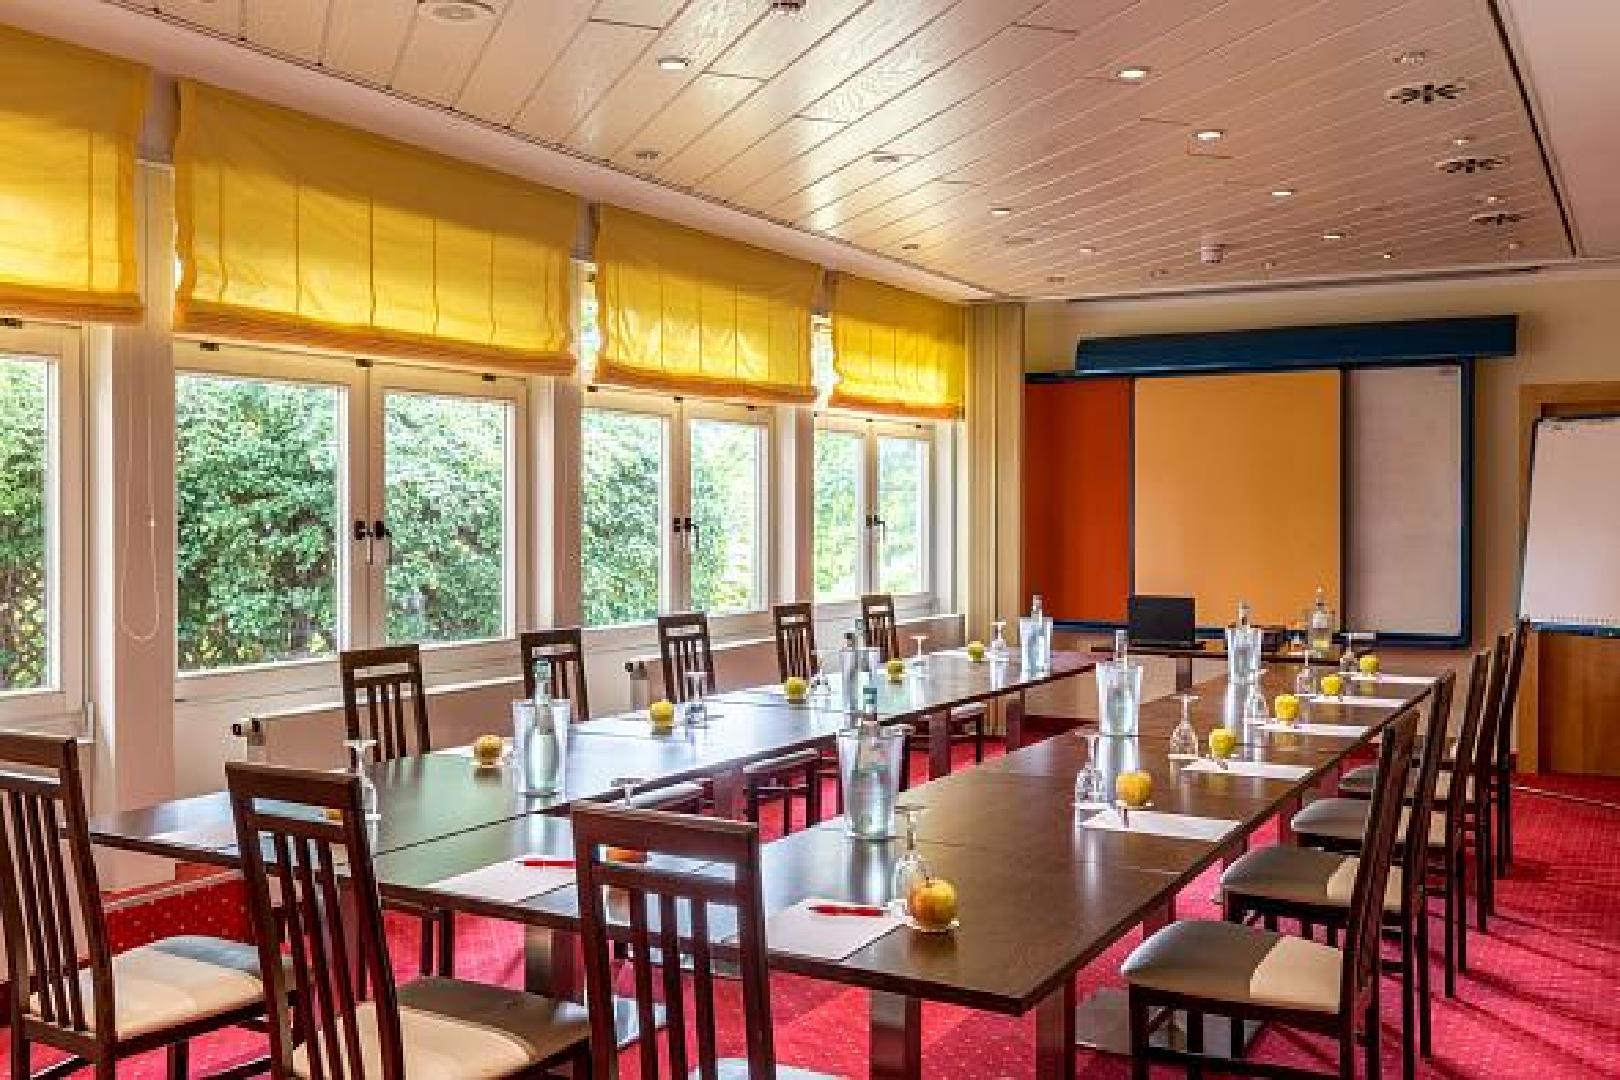 Bild 2 von 3 Tagungsräume in einem... im Azimut Dresden